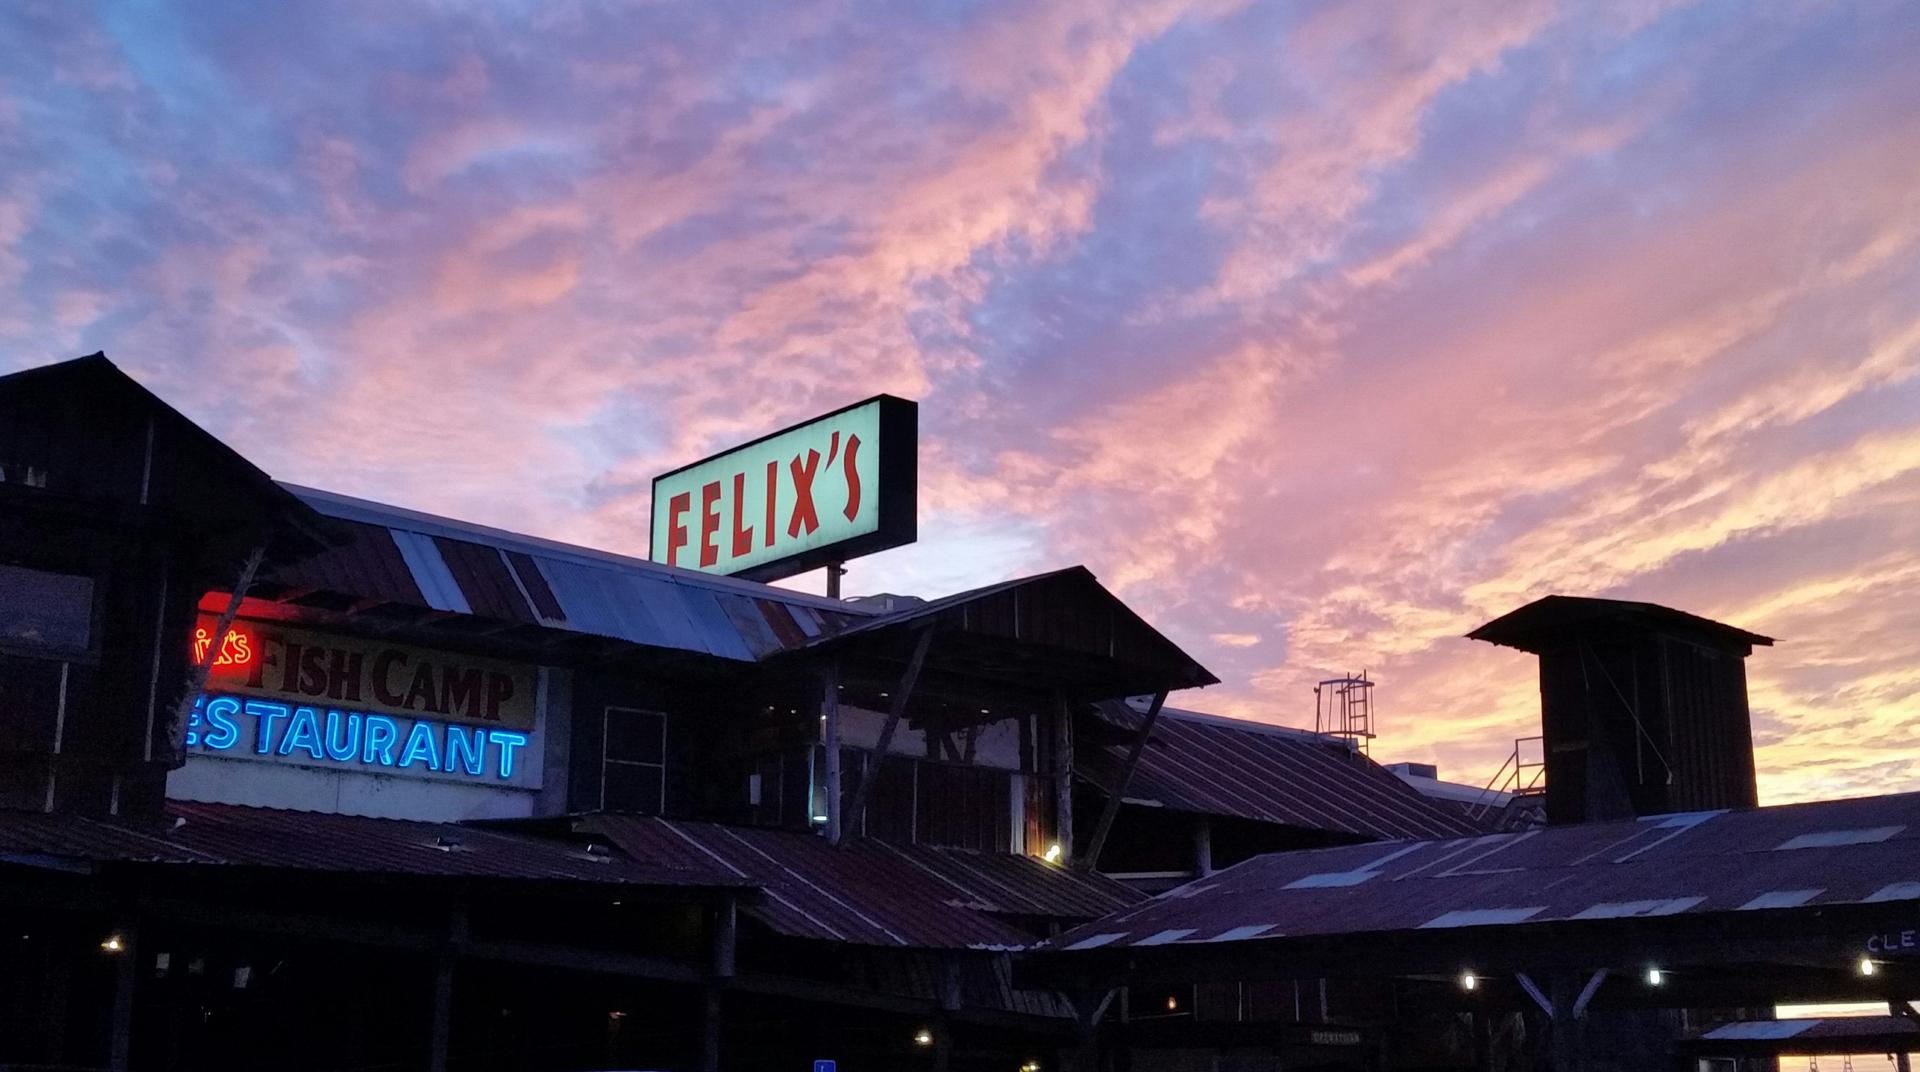 Felix S Fish Camp